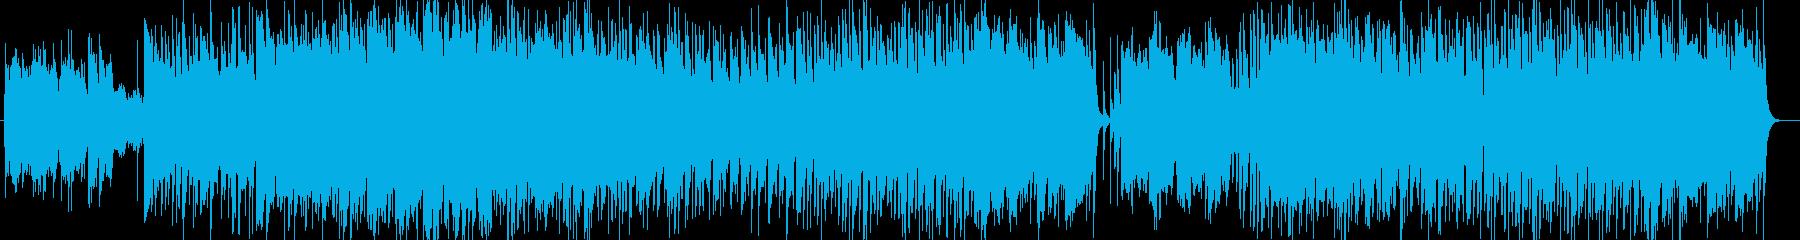 爽やかな風シンセサイザーサウンドの再生済みの波形